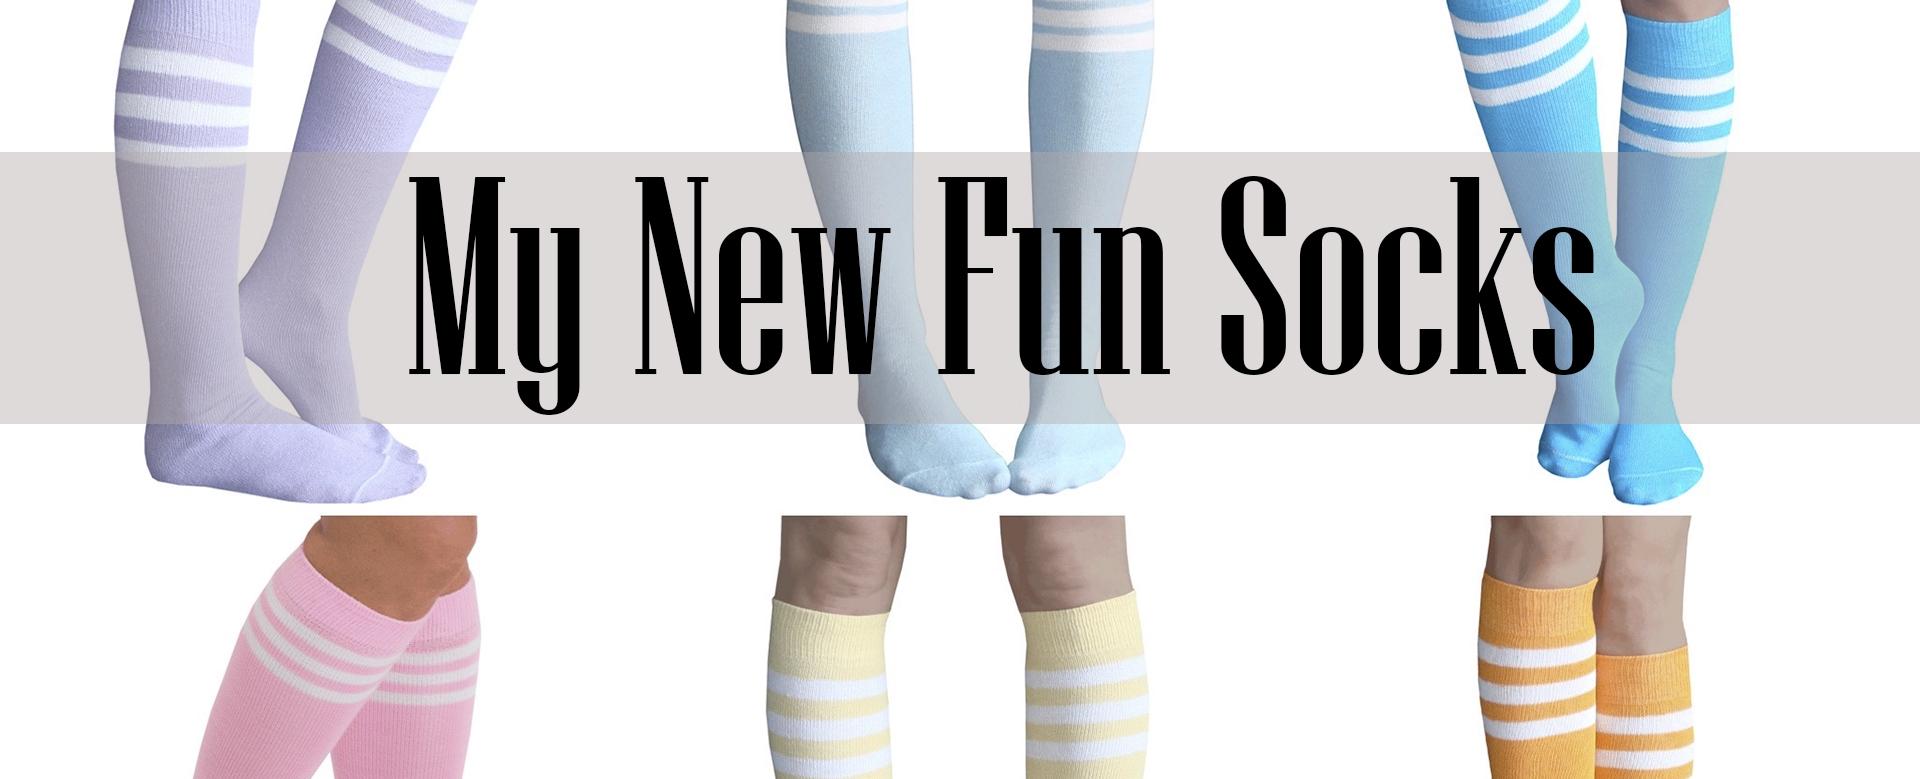 My New Fun Socks